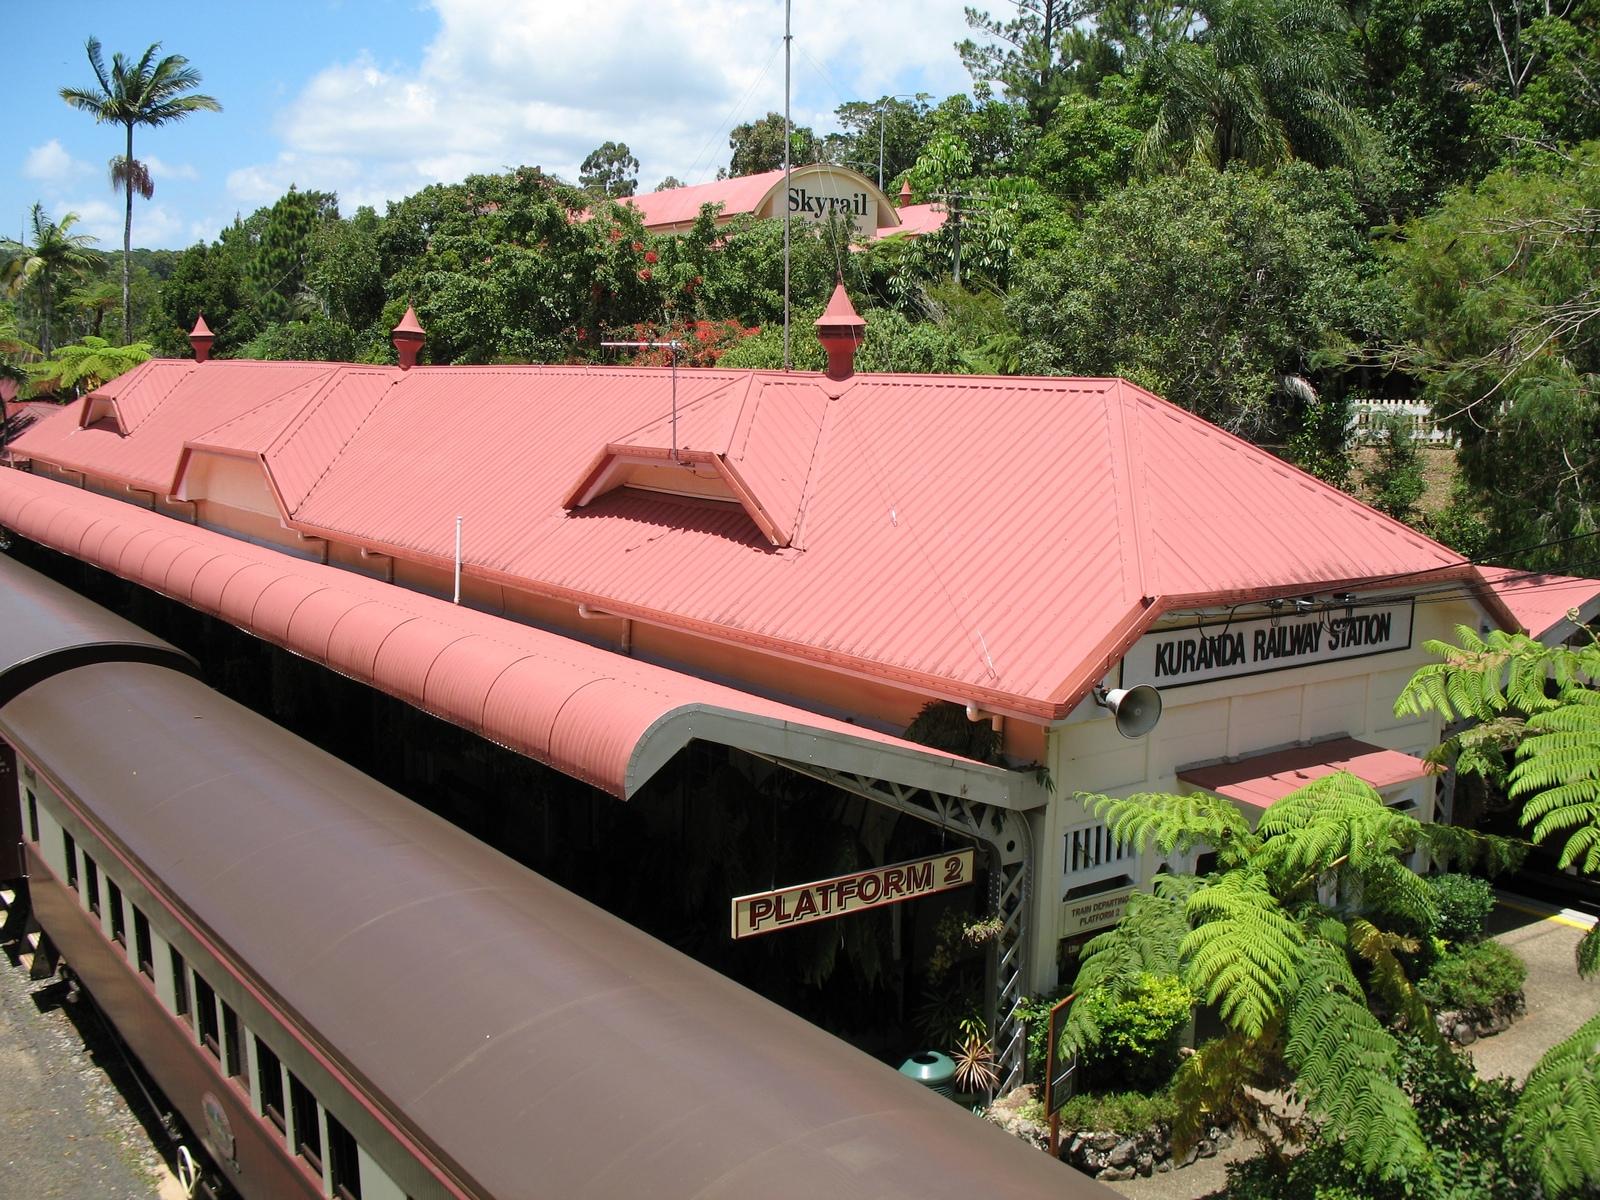 Kuranda Scenic Railway Station